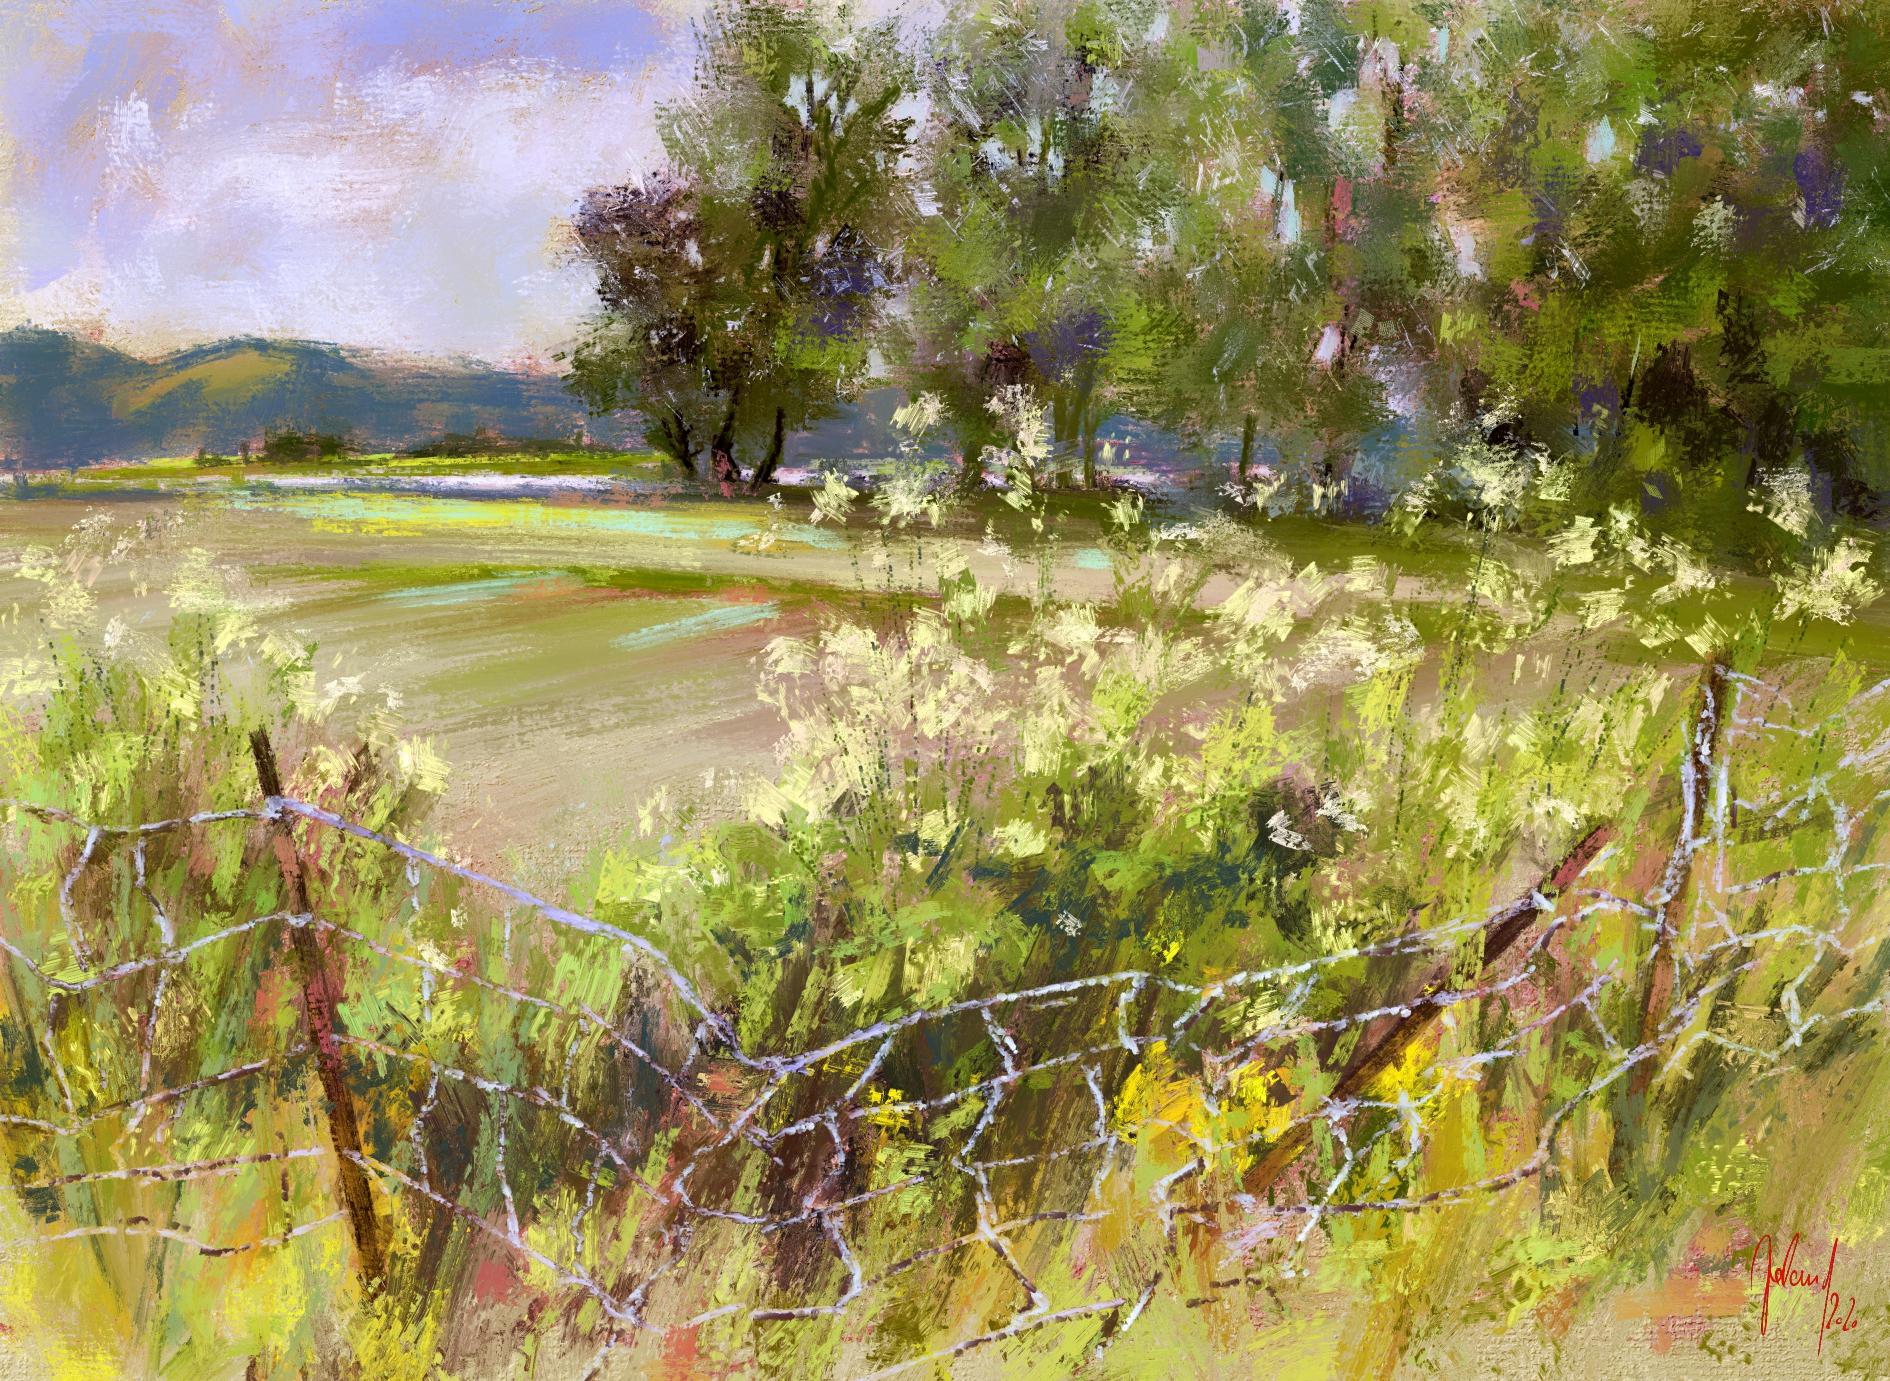 Das Making of einer Landschaftsstudie - Making of a landscape study